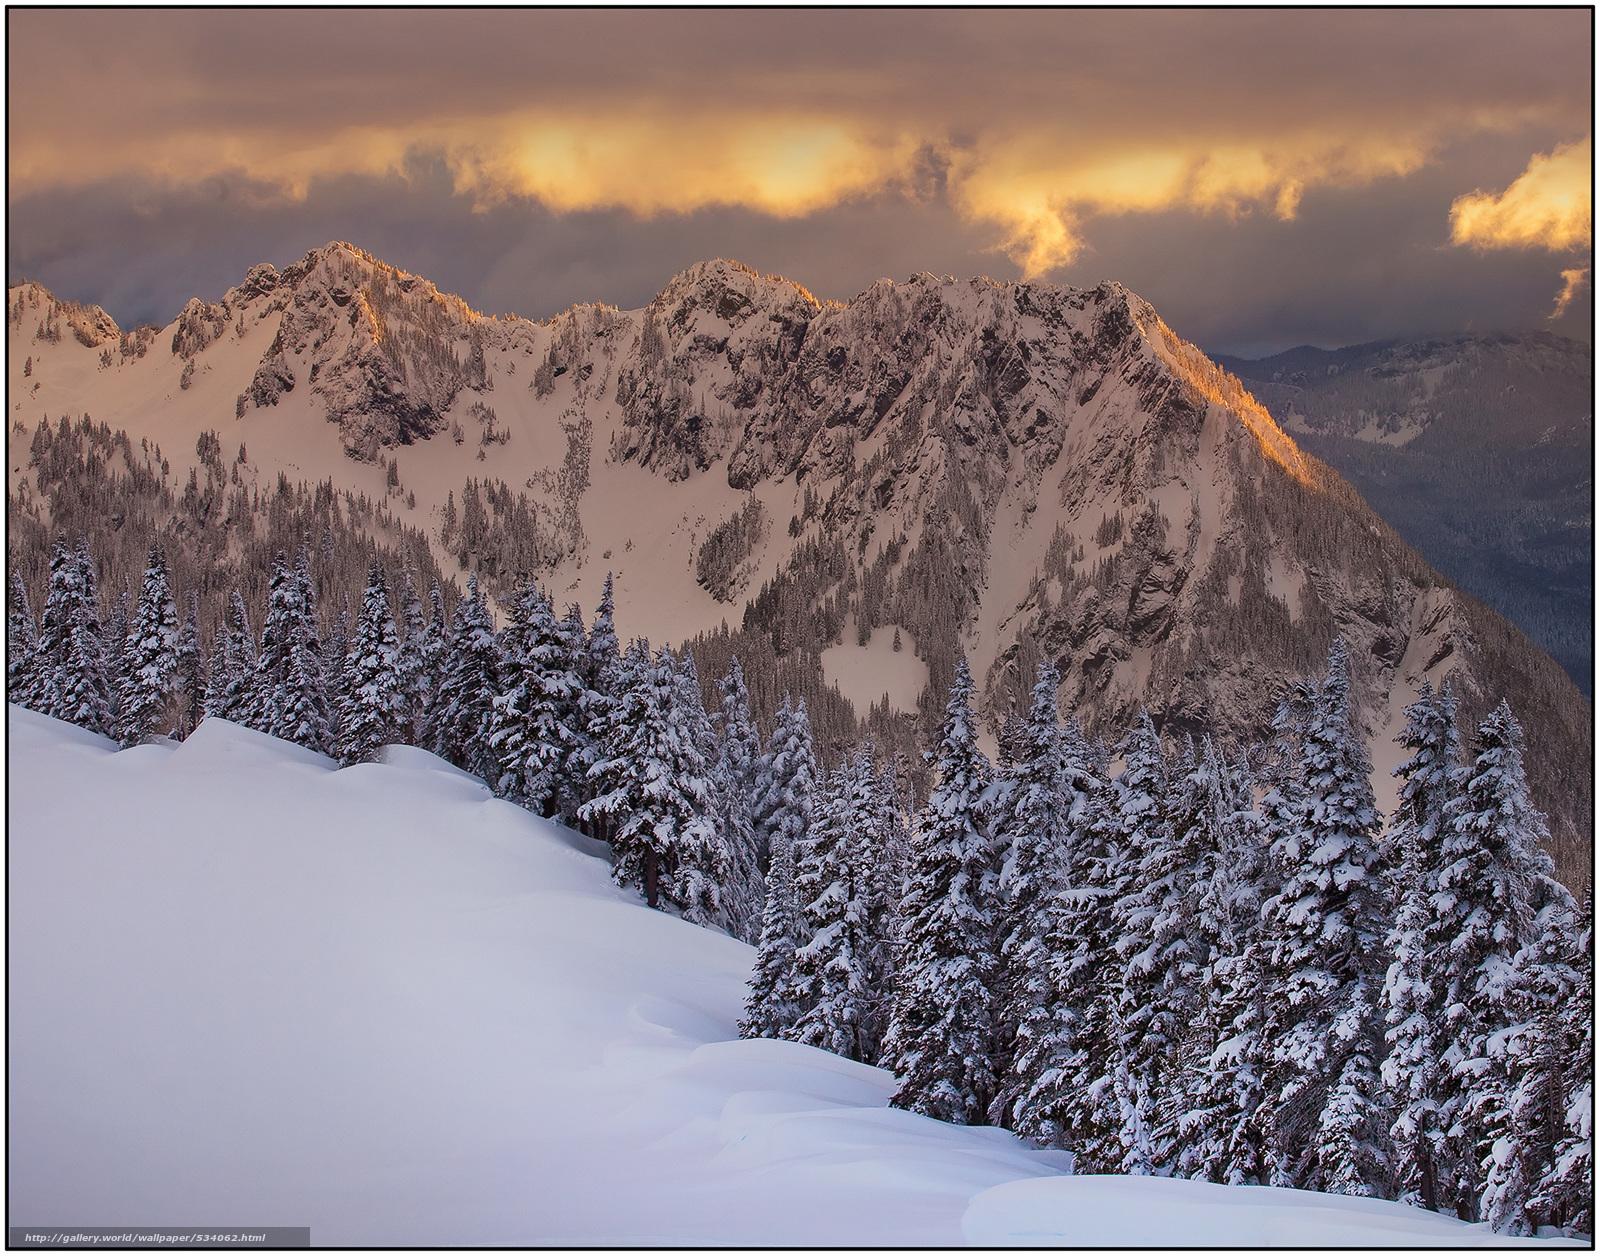 Скачать обои spotlight peaks on cascade range,  mount rainier national park,  wa бесплатно для рабочего стола в разрешении 3000x2357 — картинка №534062